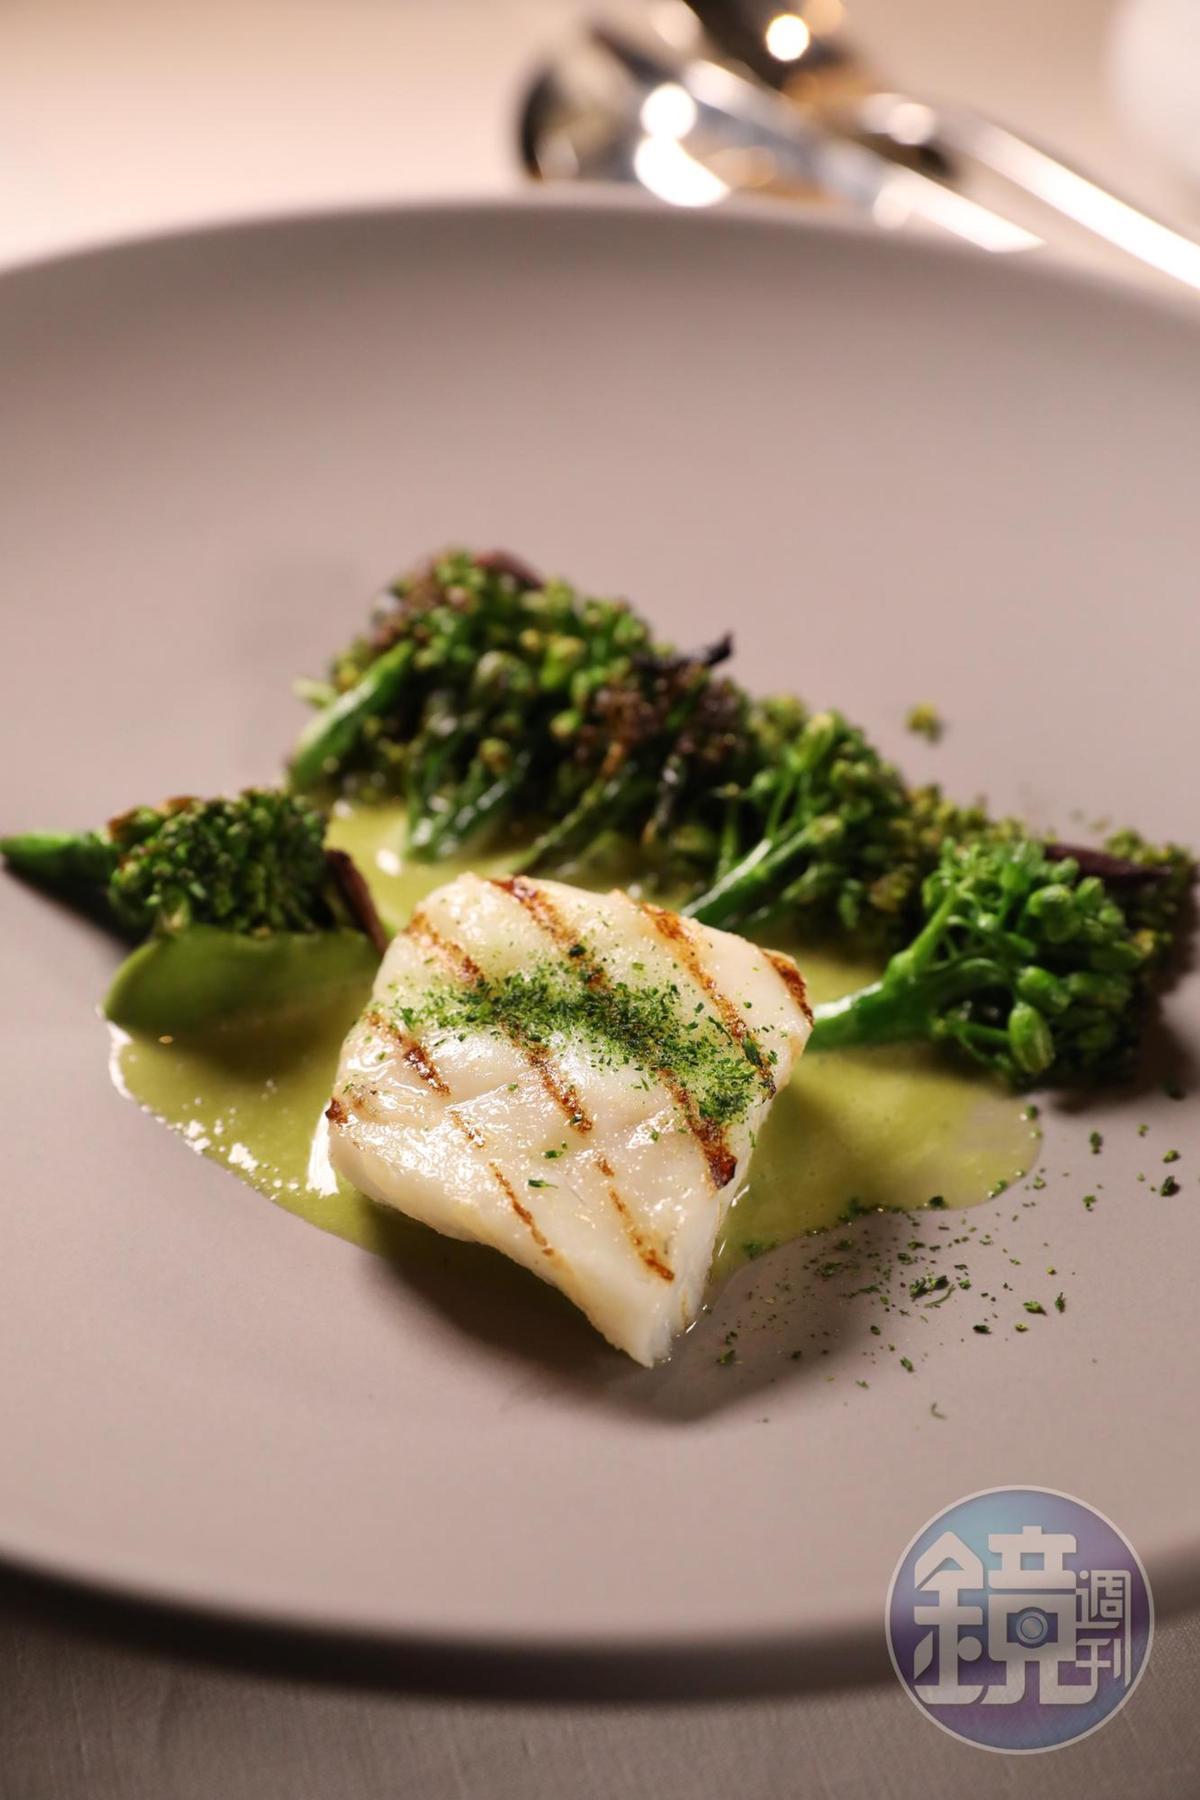 「活締手線捕海鱸、西蘭花、橄欖、鱸魚汁」用的是海釣鱸魚,吃得出鮮度。(澳門幣708元/份,約NT$2,706)